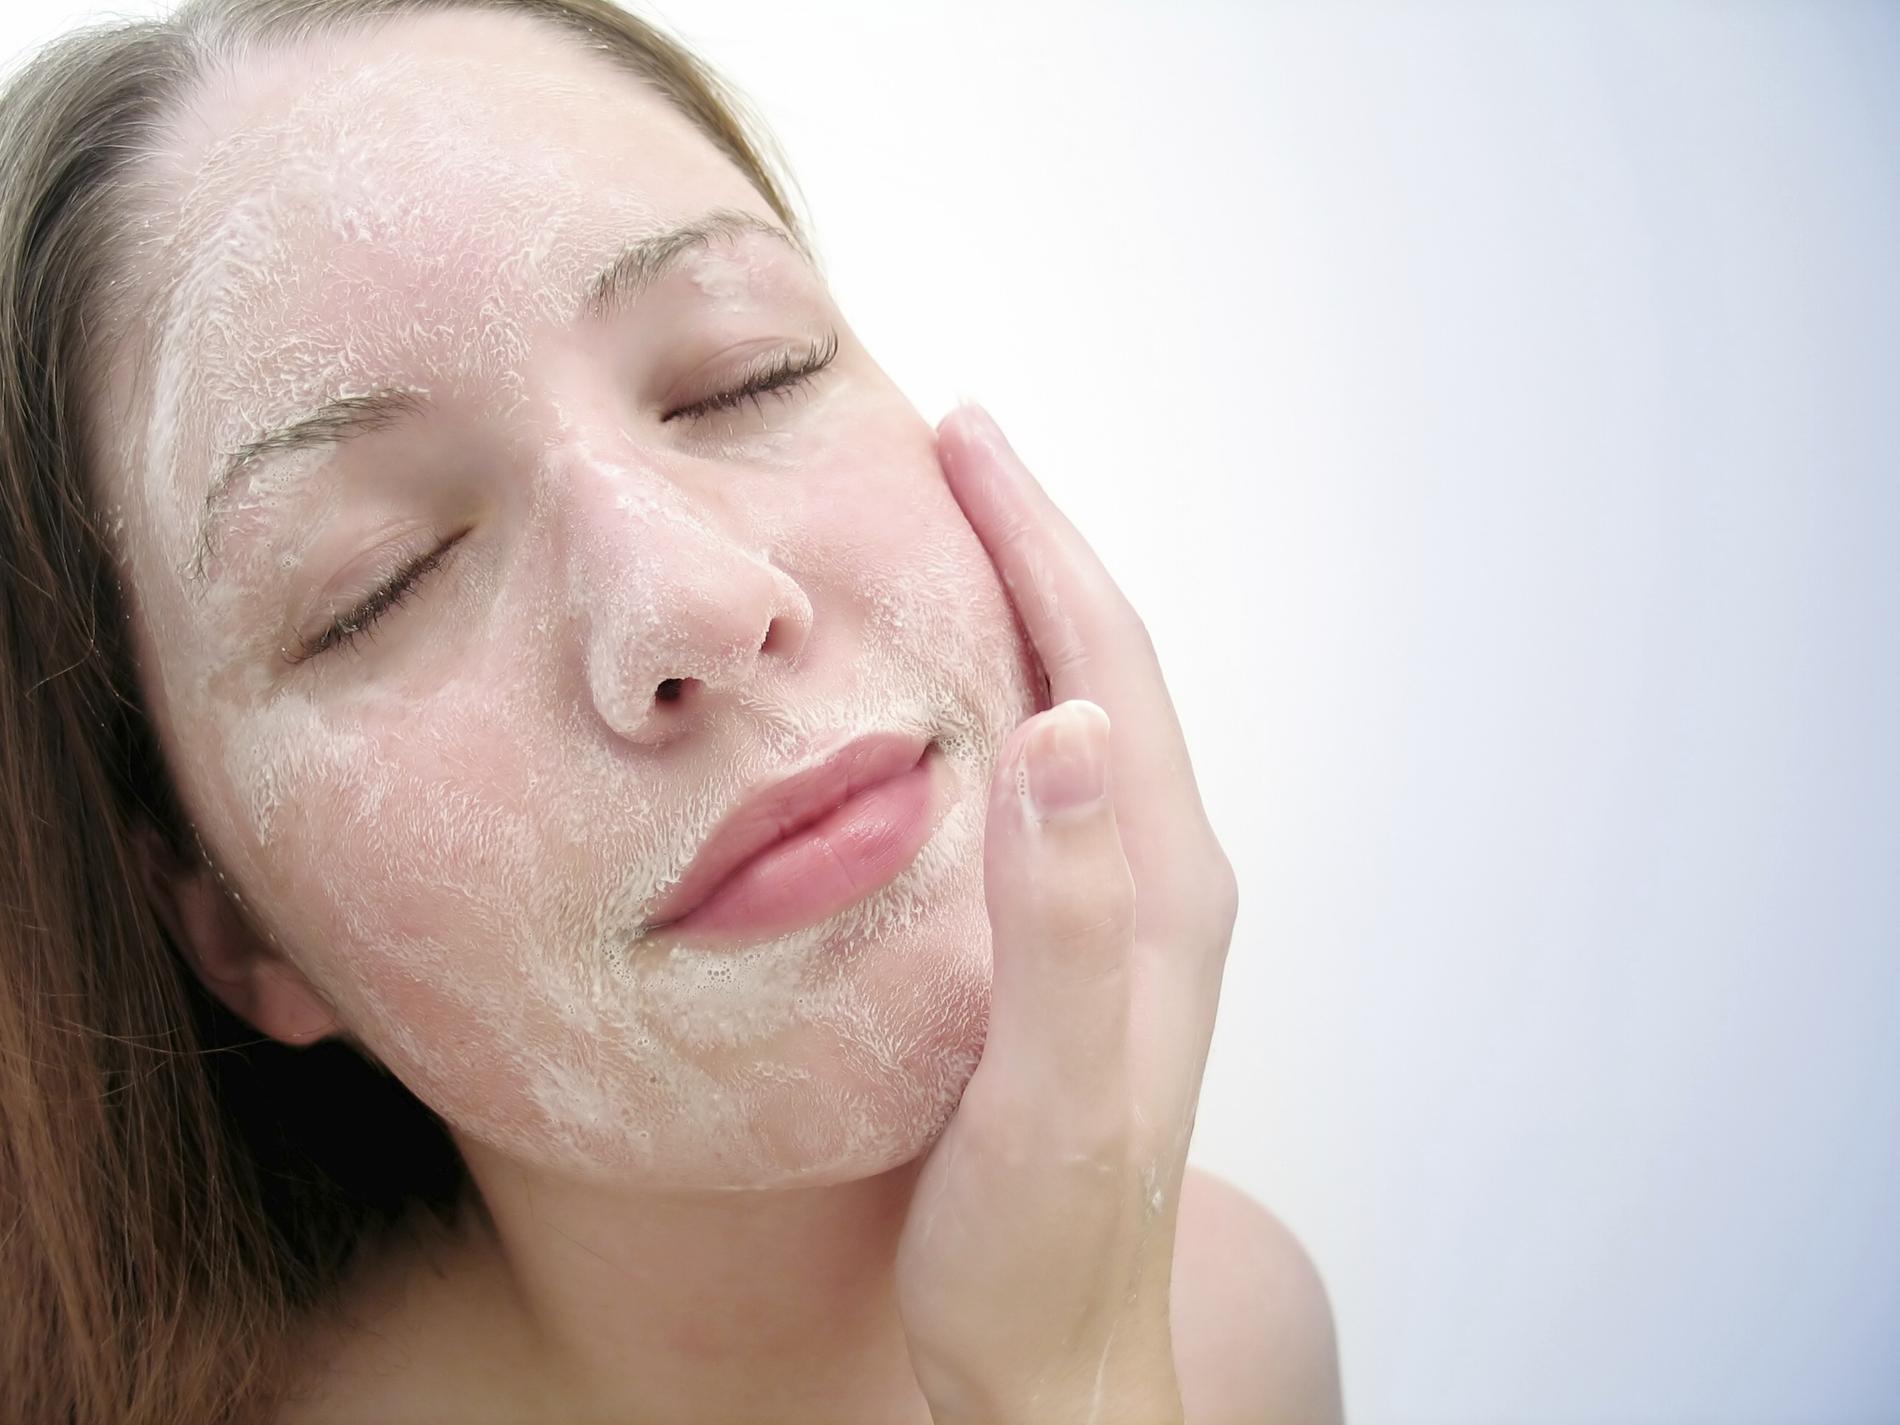 expédition gratuite couleur n brillante 50% de réduction Peau sensible : recette de gommage visage fait maison ...